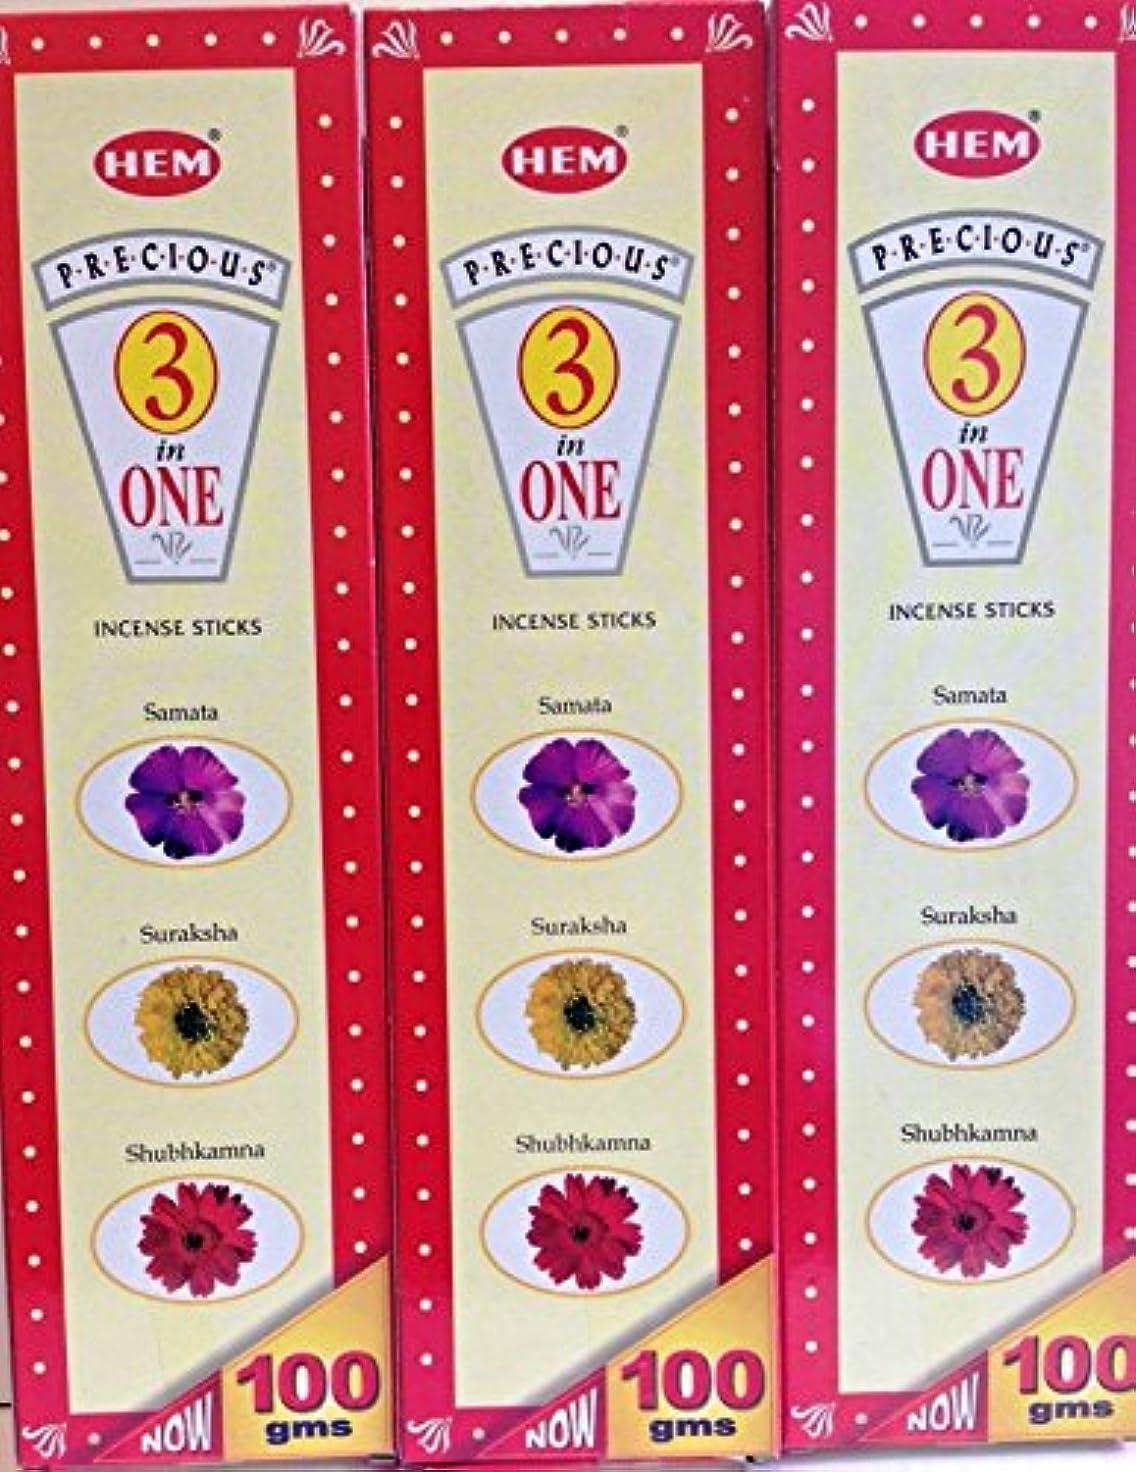 Hem Precious 3 in 1 Incense Sticks 100 g x 3パック( 75 sticks per pack x 3 )